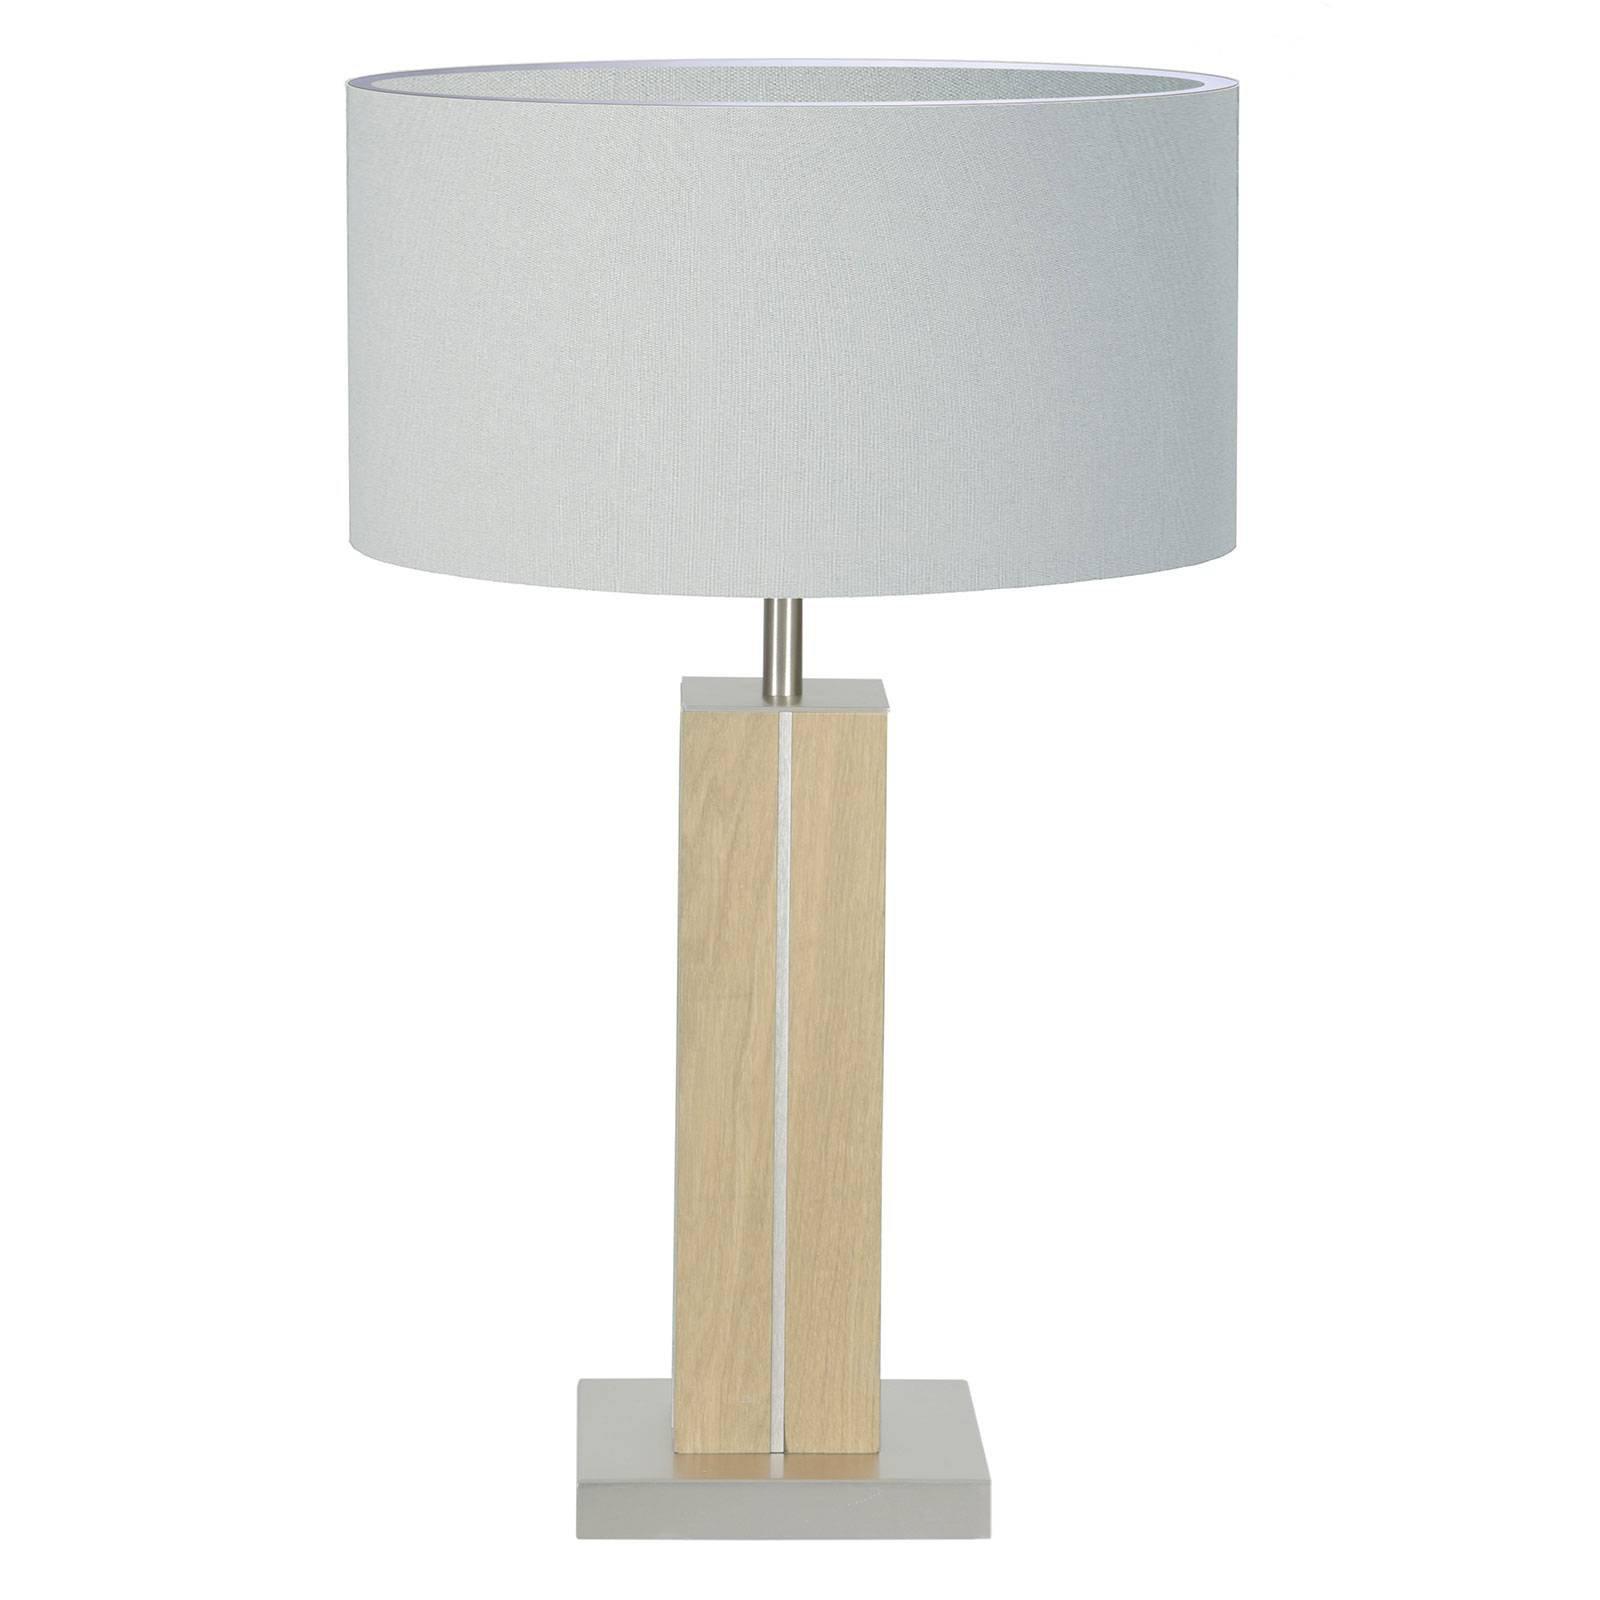 HerzBlut Dana bordlampe, eik natur, hvit, 56 cm